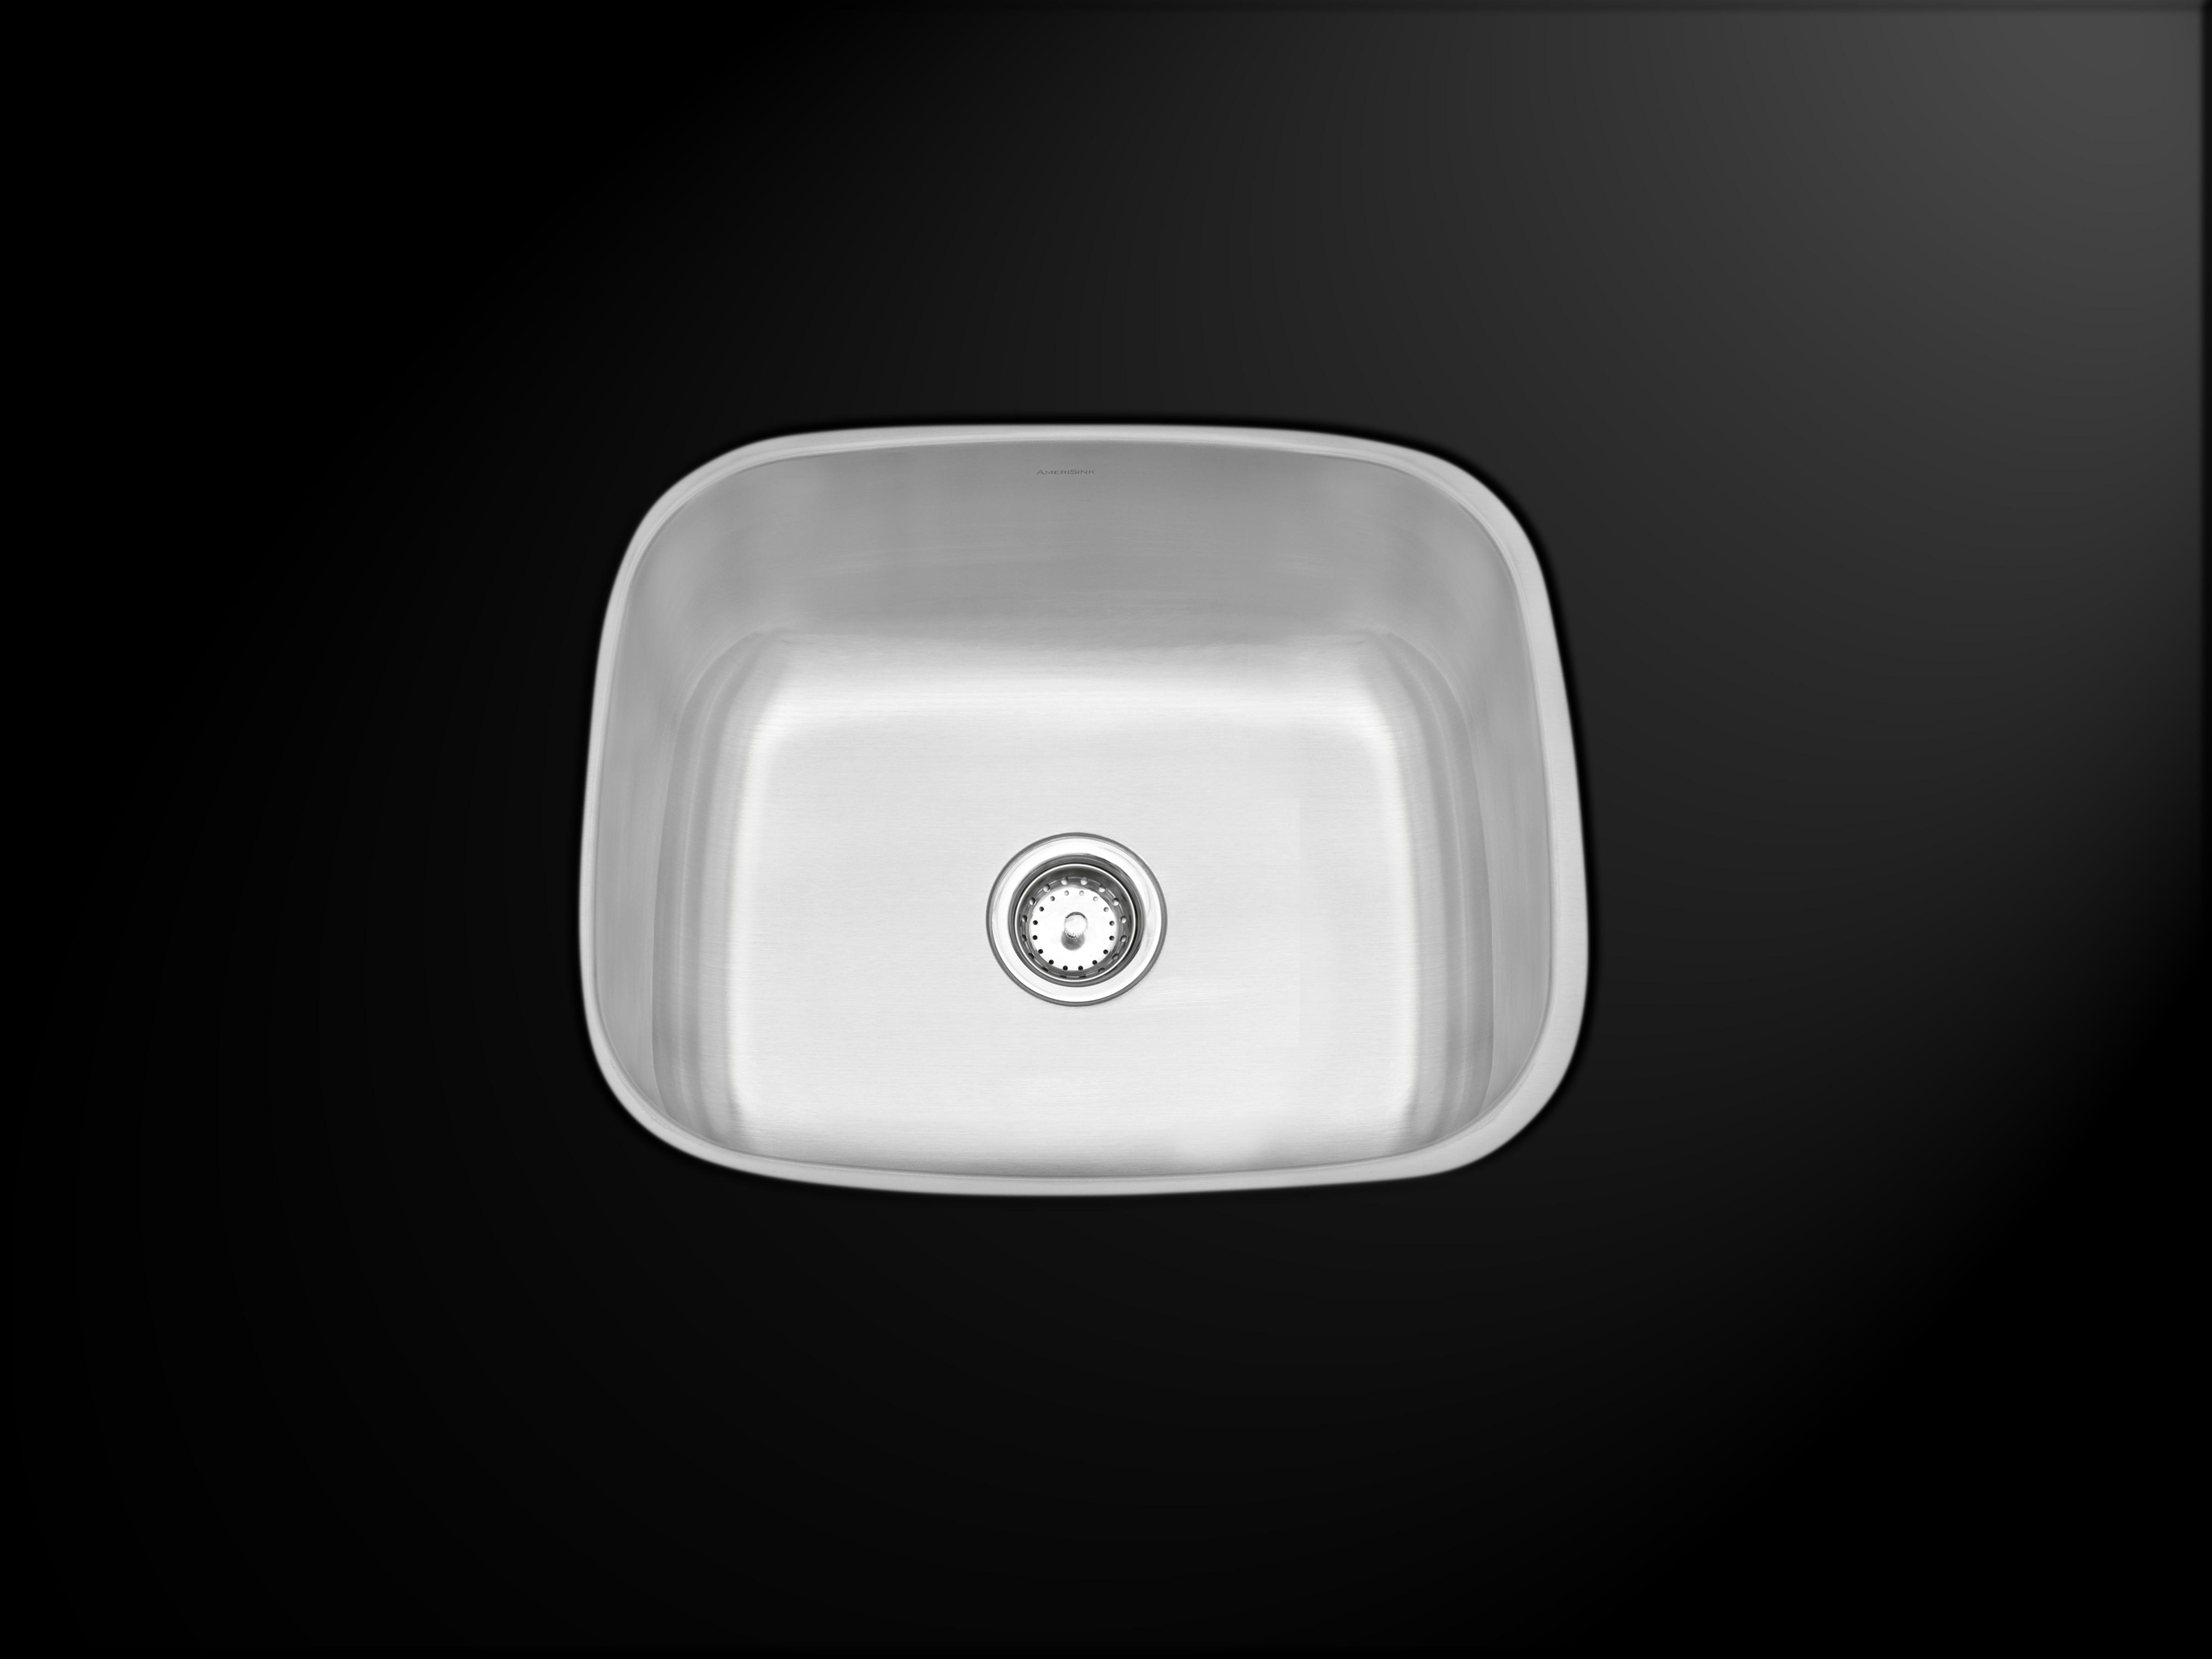 ... Stainless Steel Bar Sink. Undermount SS Kitchen Sink